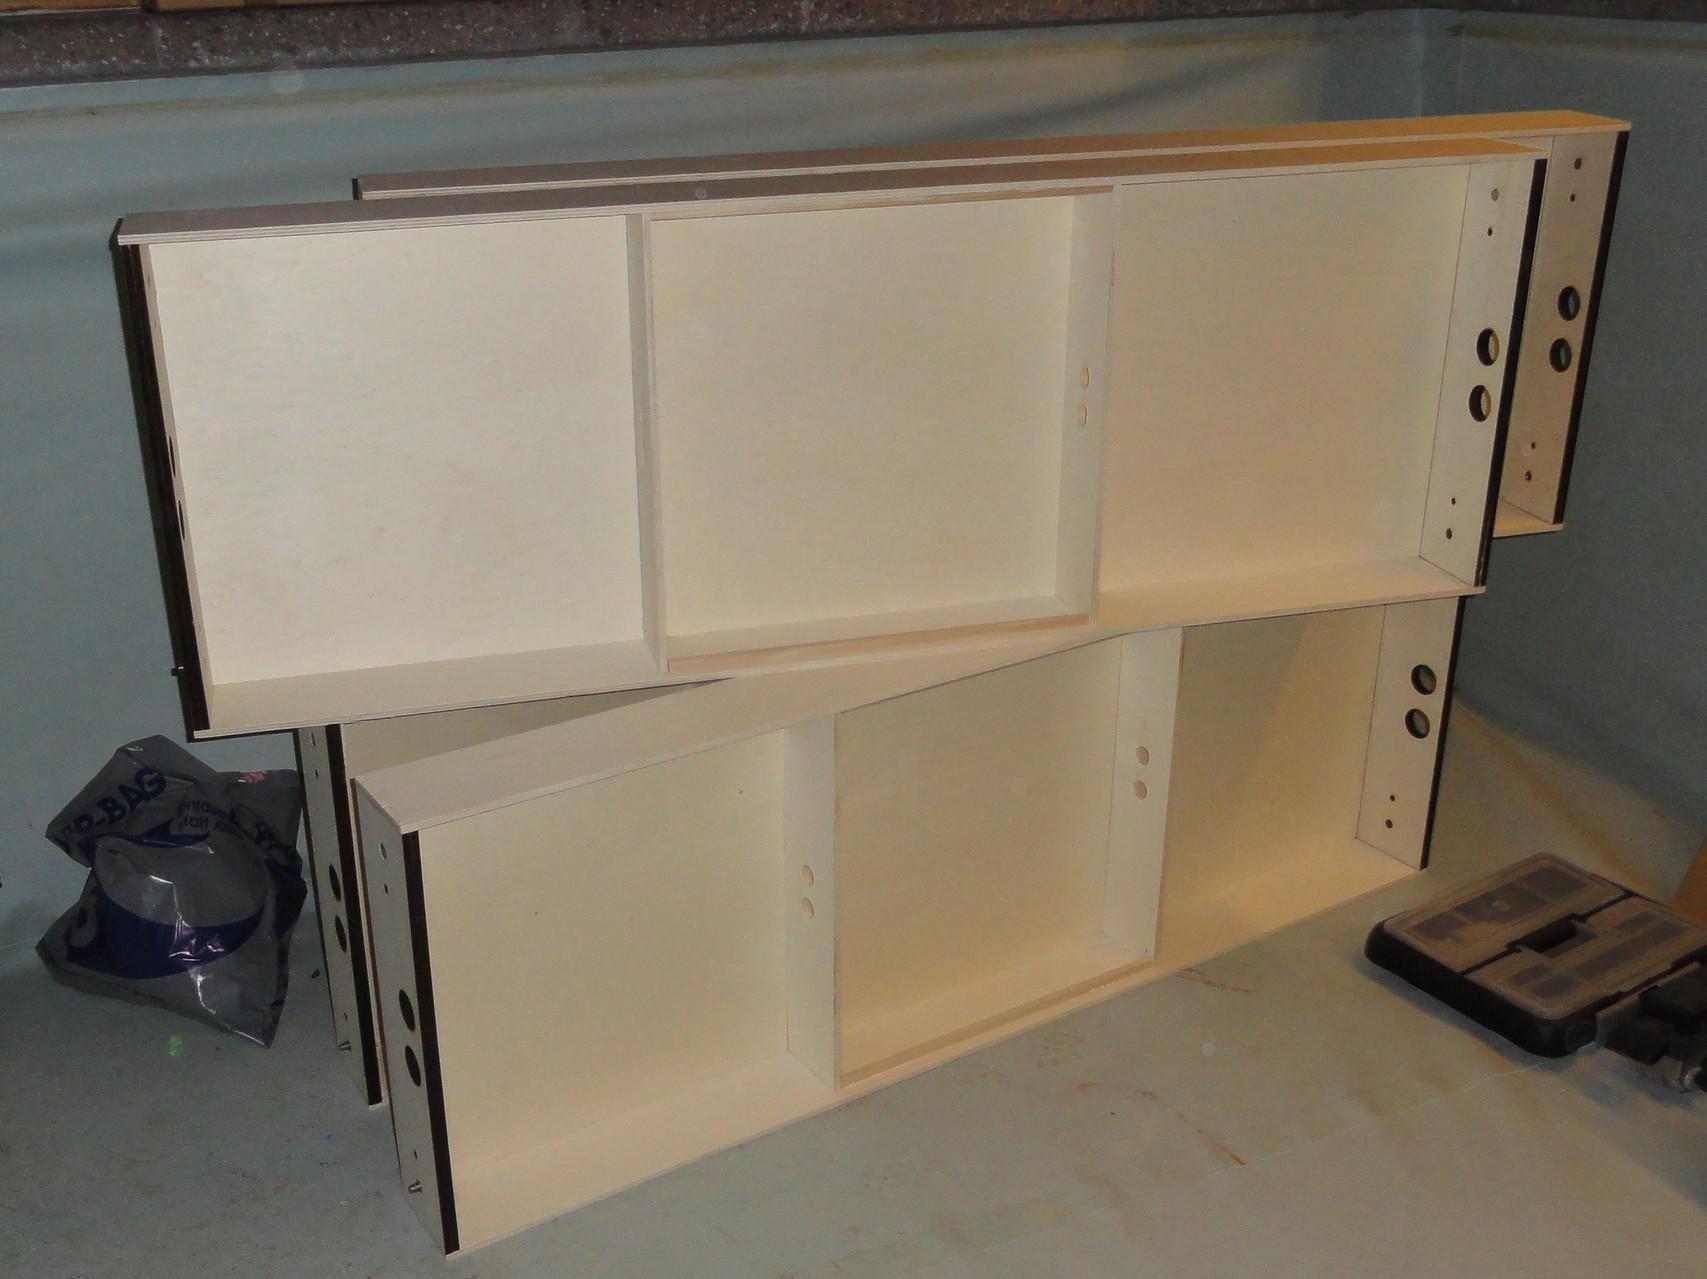 Module construction